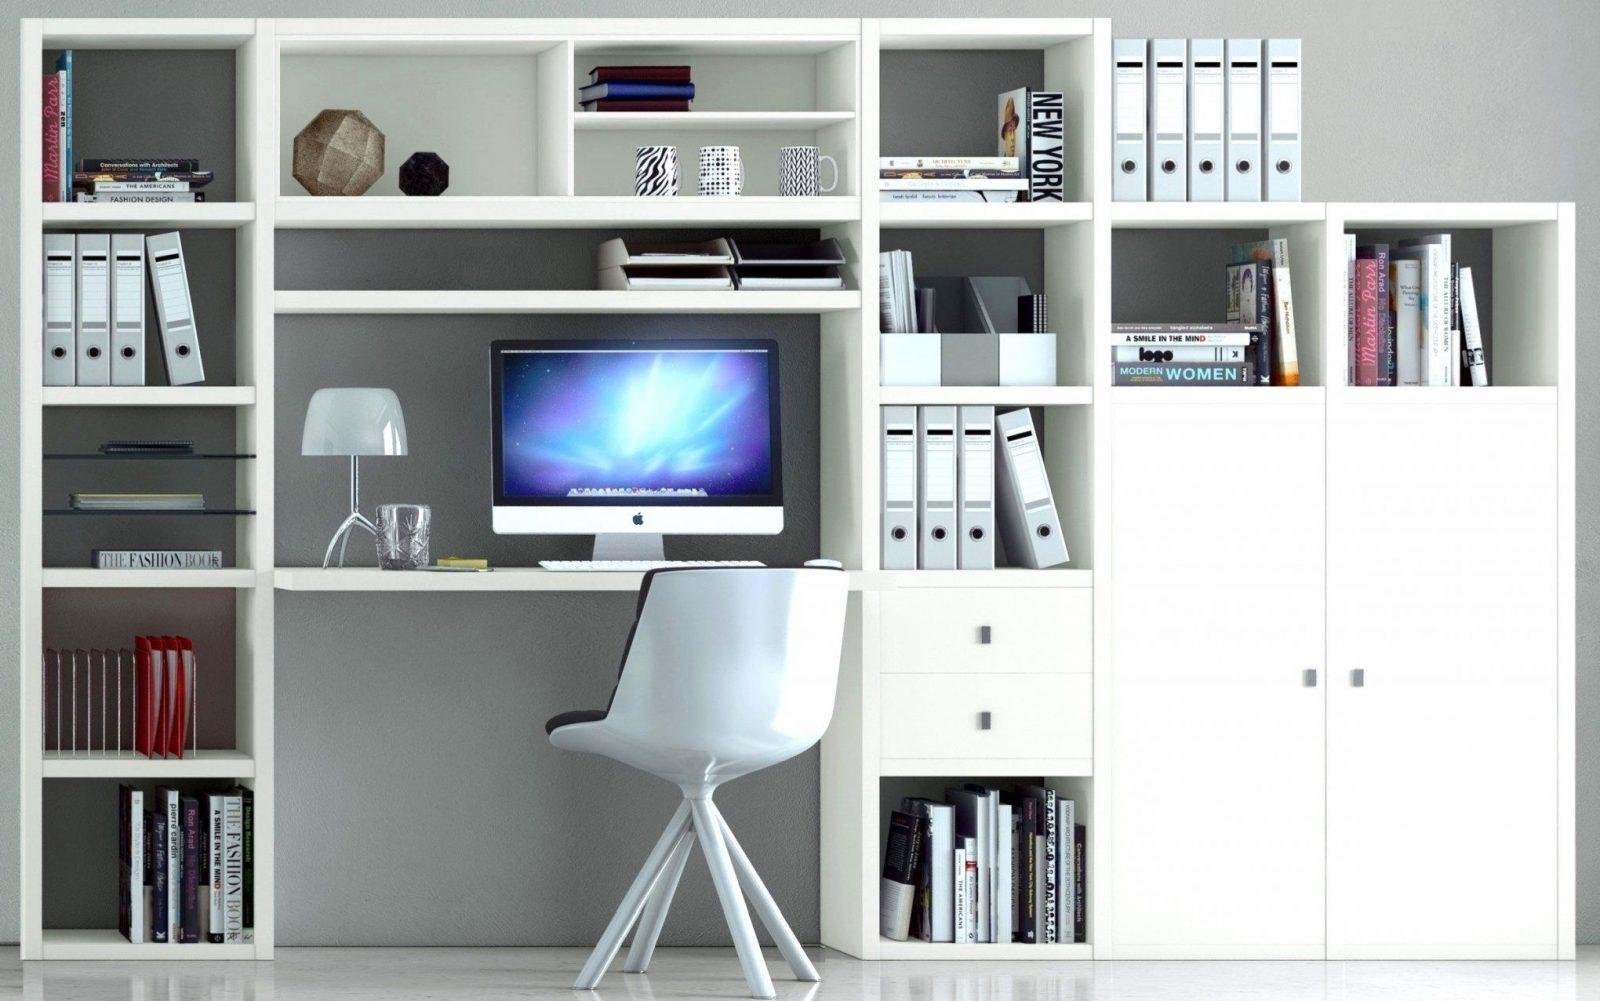 Wunderbar Büroschrank Mit Integriertem Schreibtisch Hervorragend von Schrankwand Mit Integriertem Schreibtisch Photo